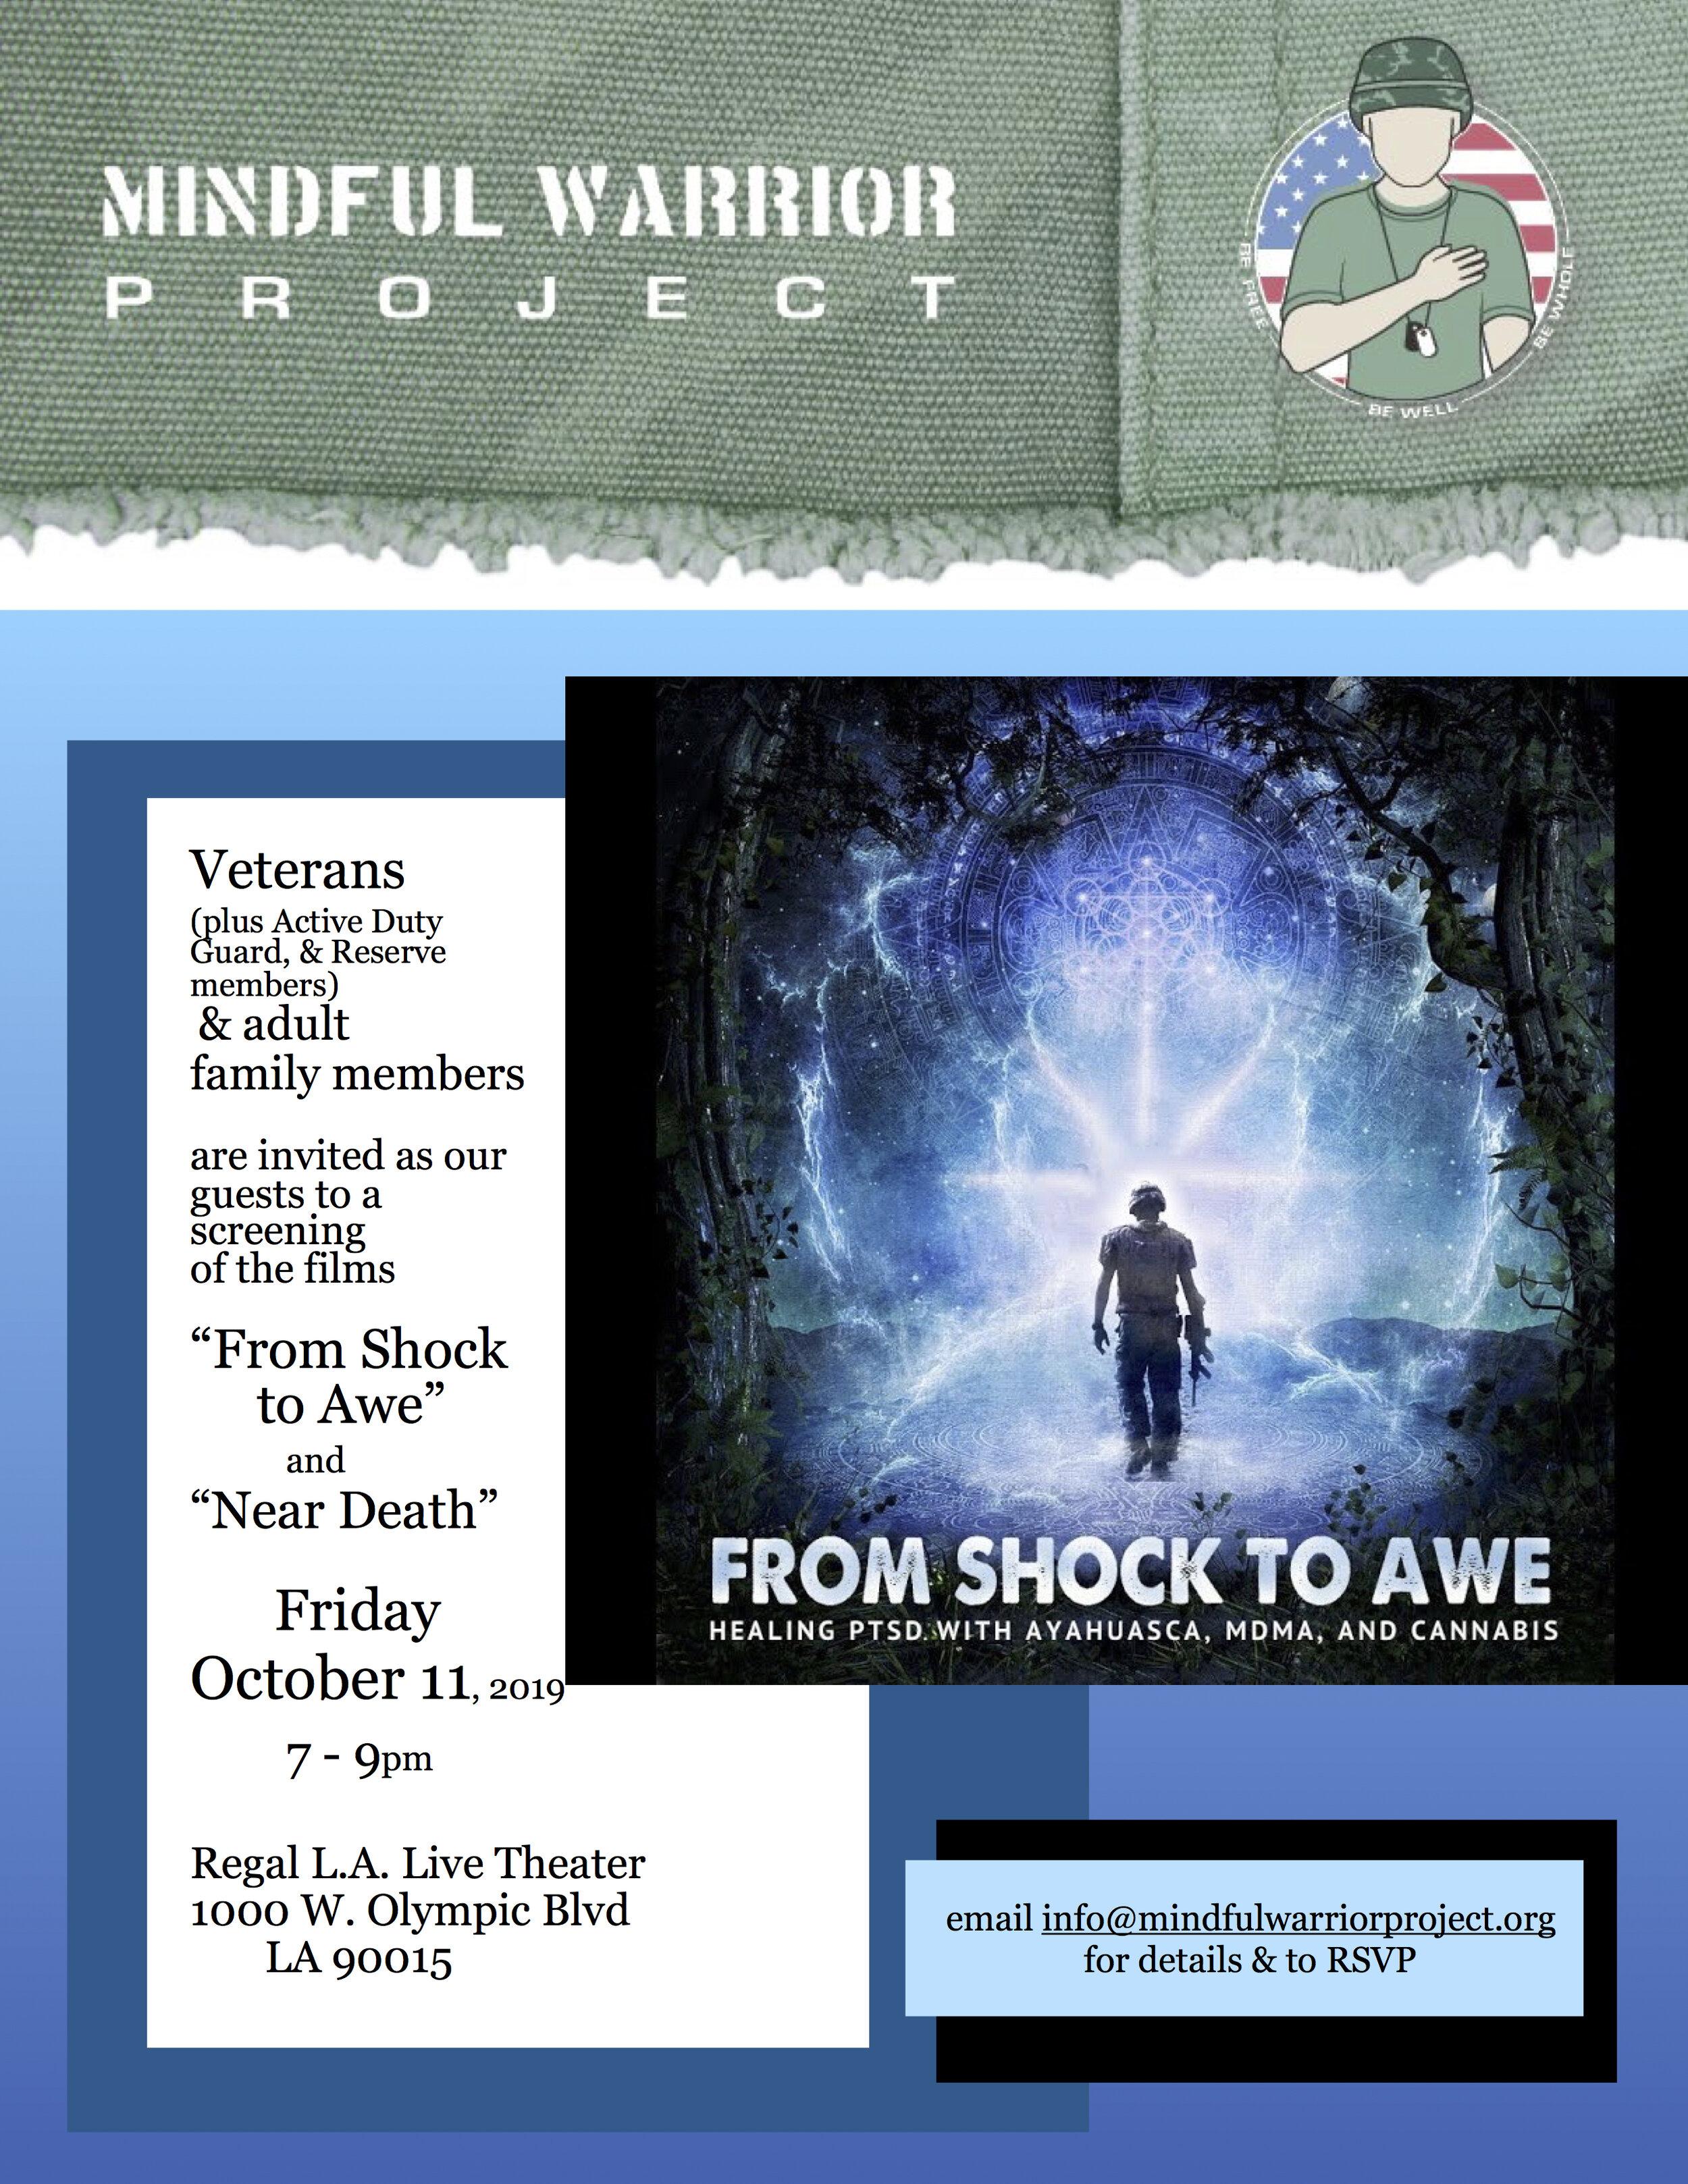 ShockAweFilm.jpg